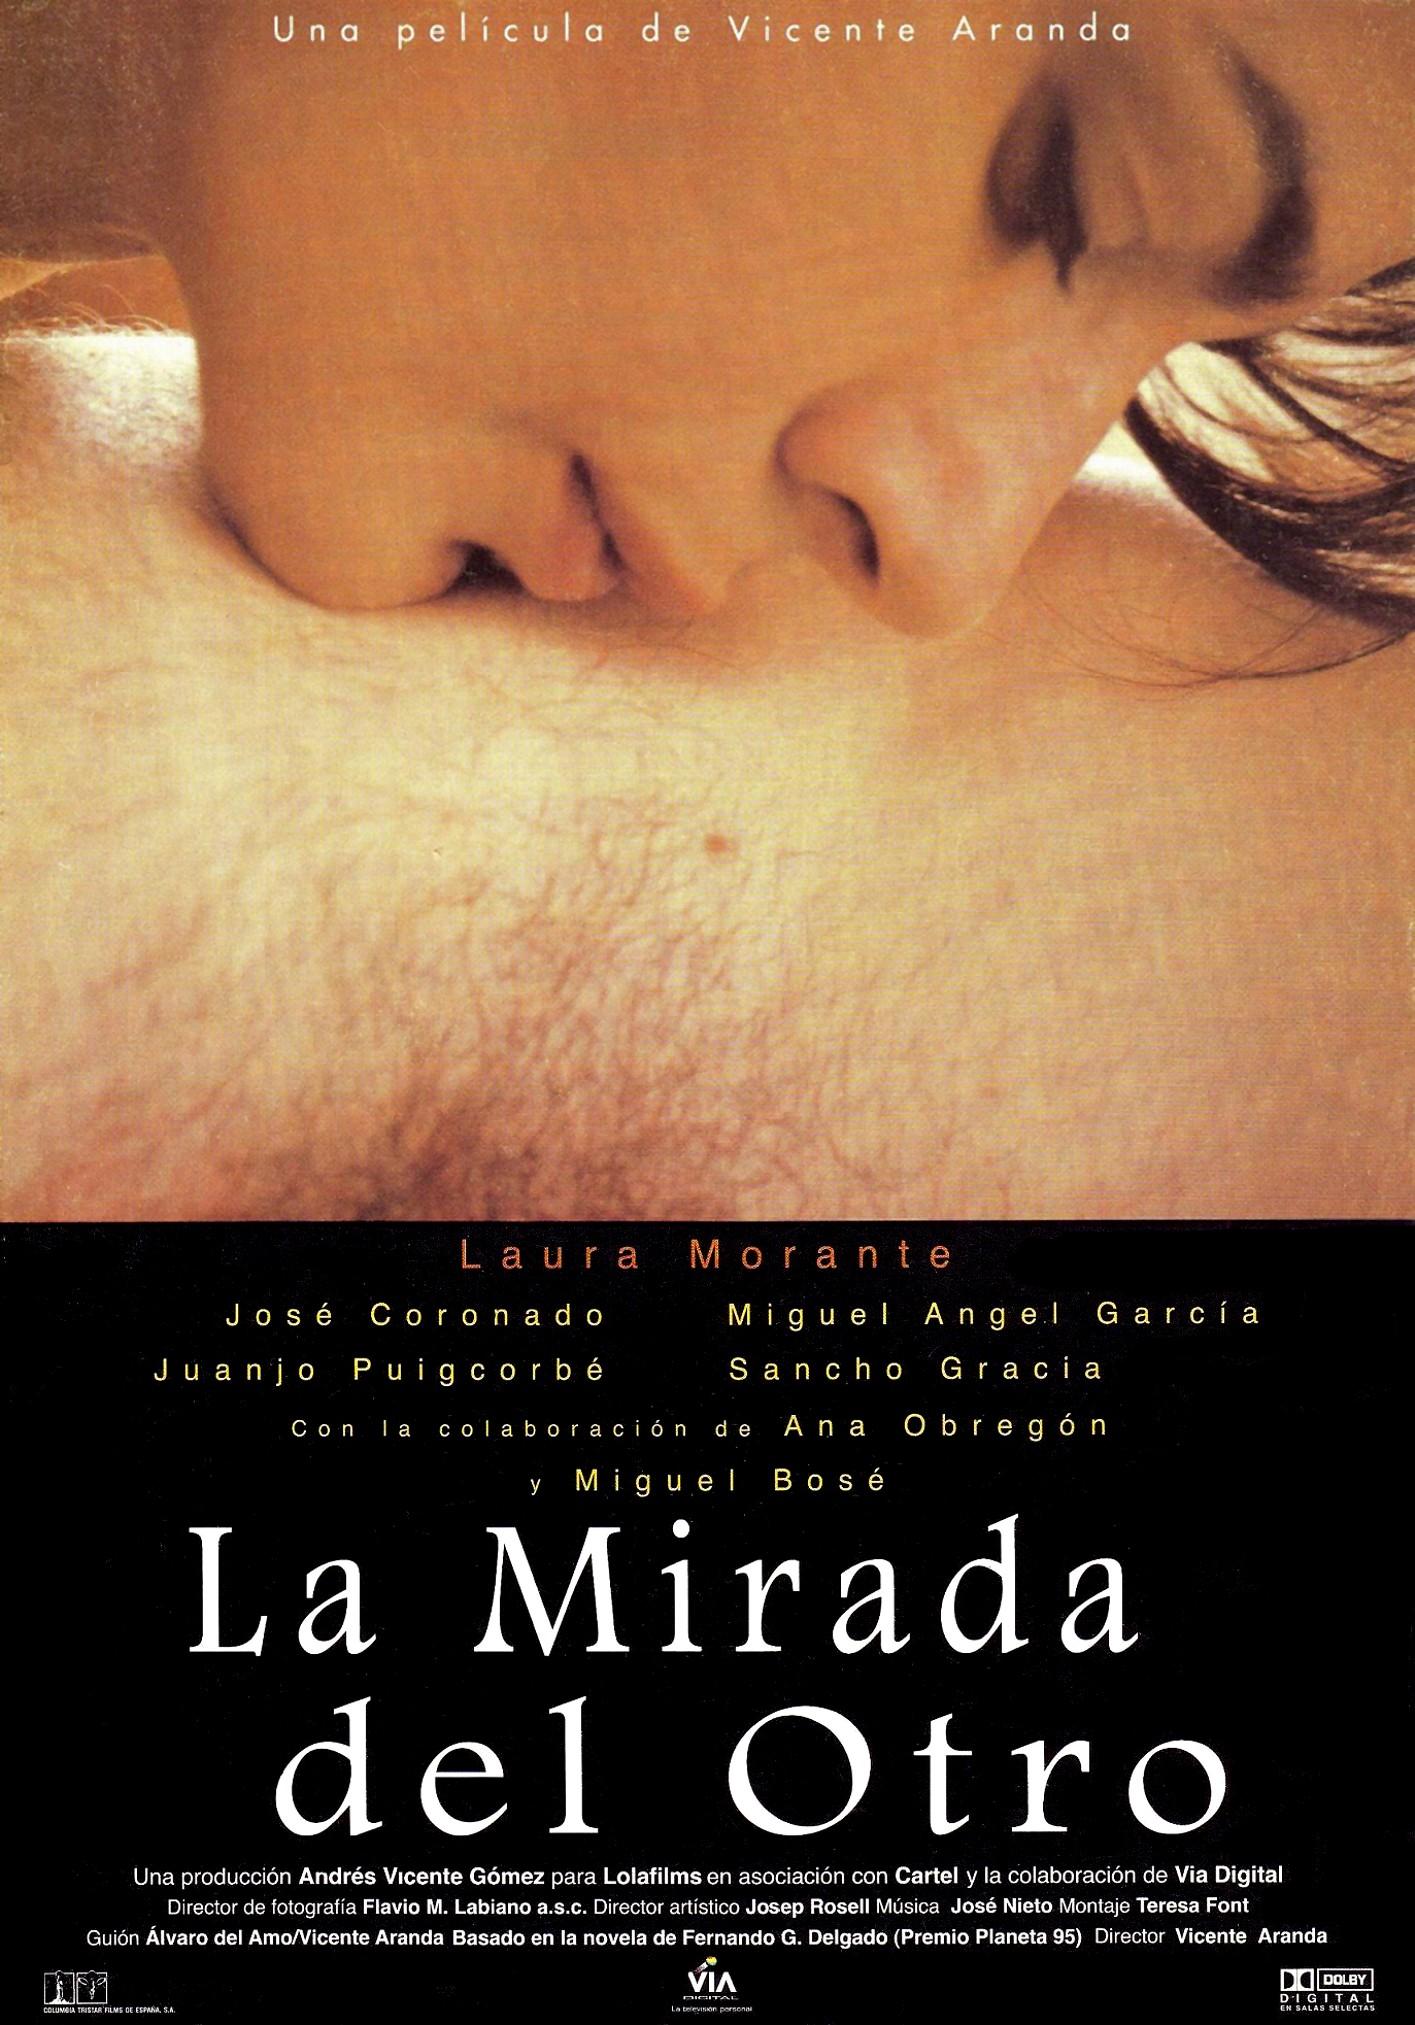 Re Полнометражные эротические фильмы разных лет.